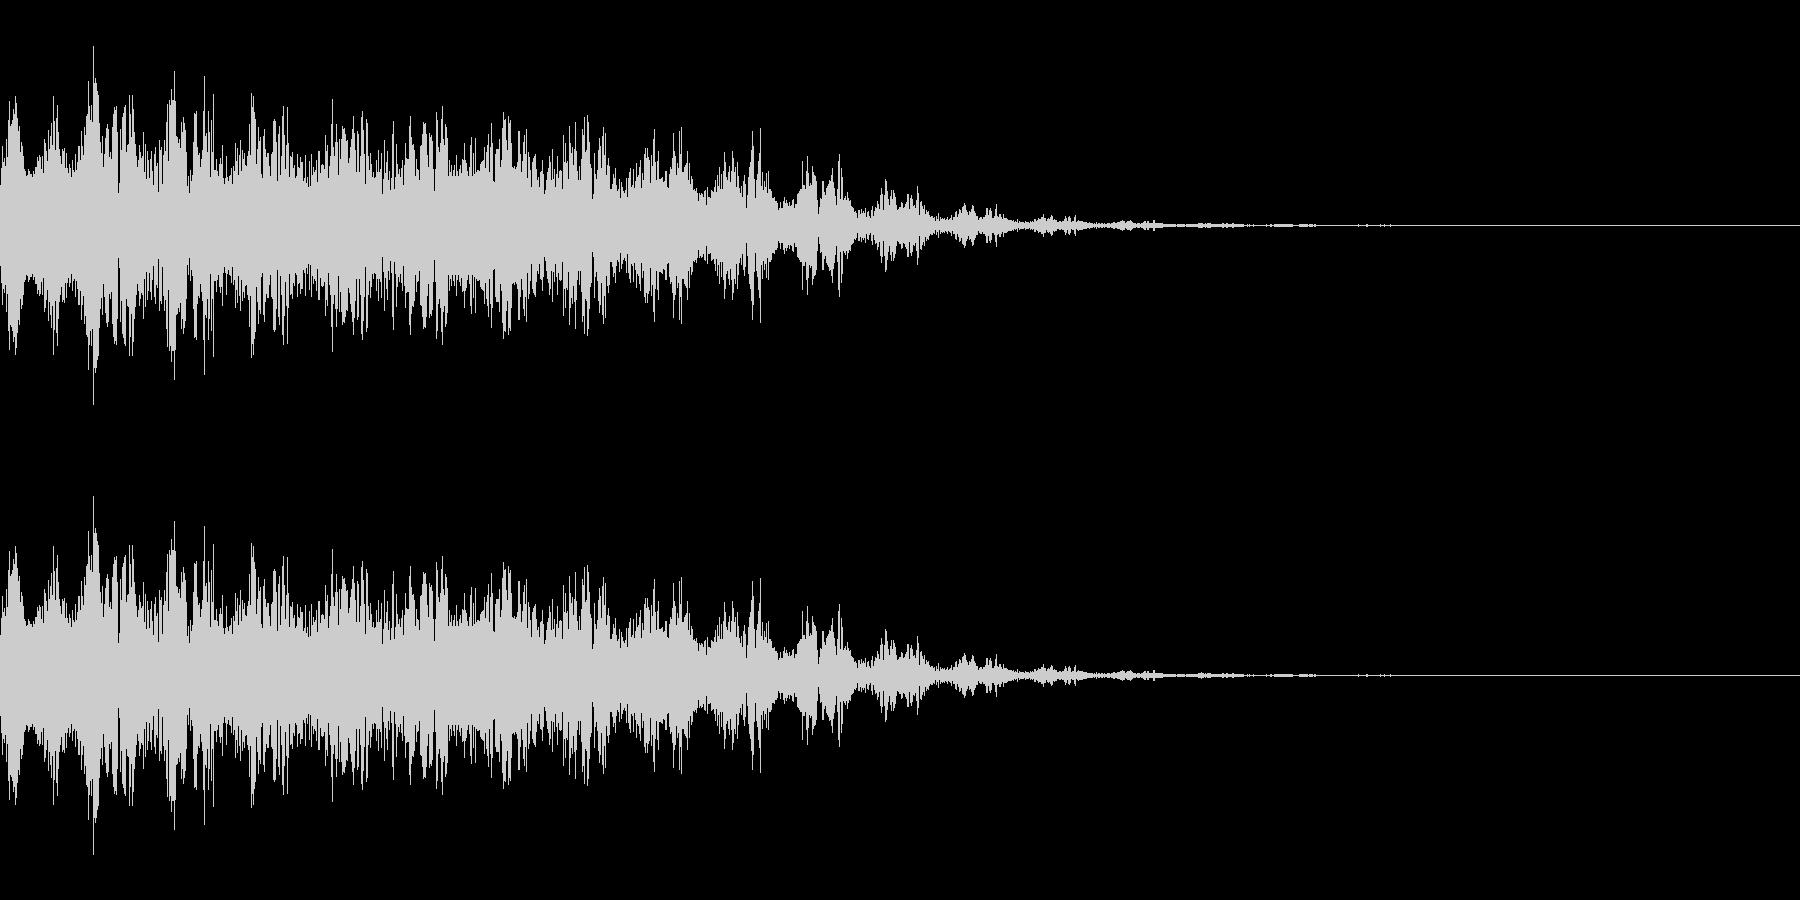 レーザー銃を撃つ音(SF/宇宙/光線)の未再生の波形